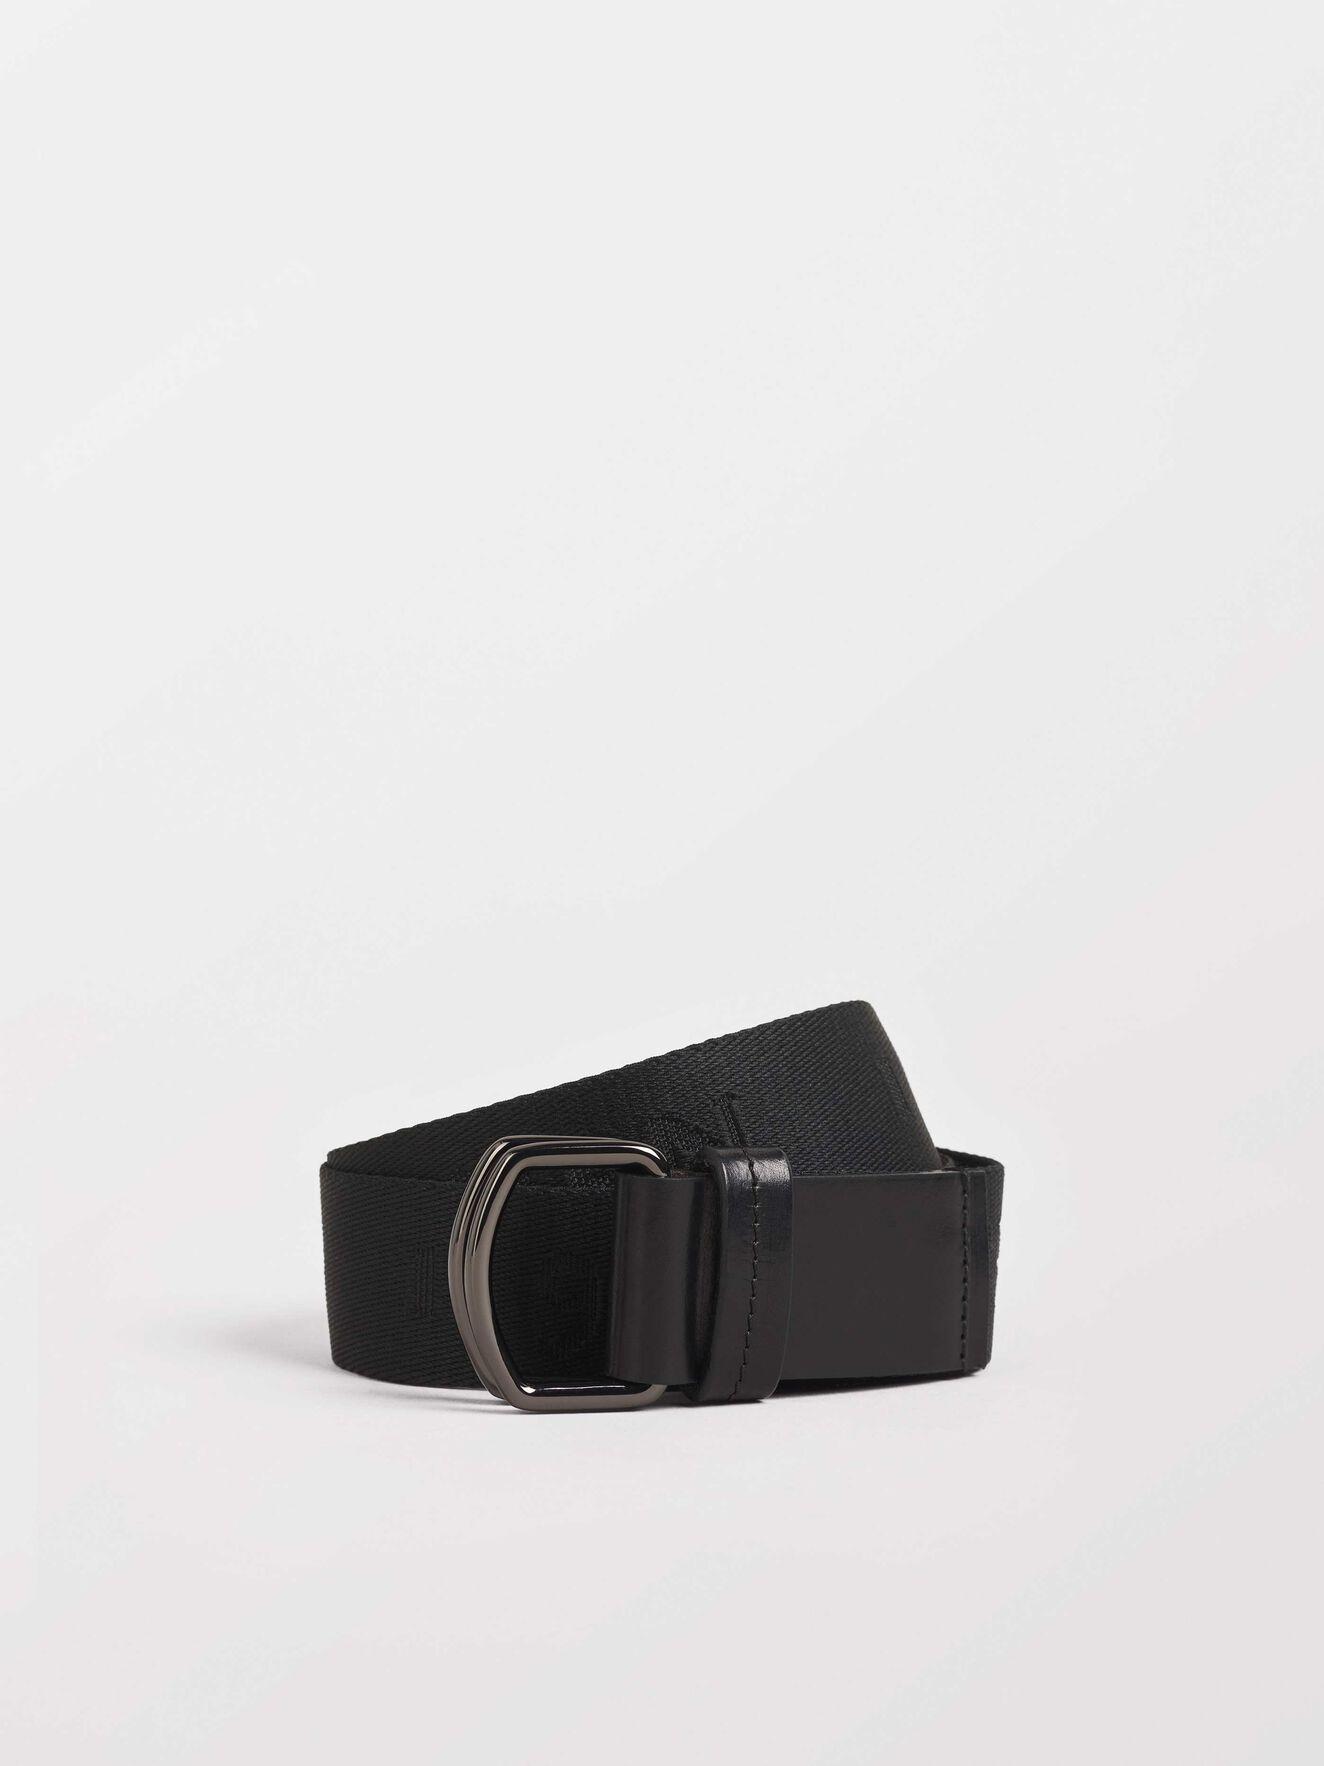 Blivit Belt in Black from Tiger of Sweden